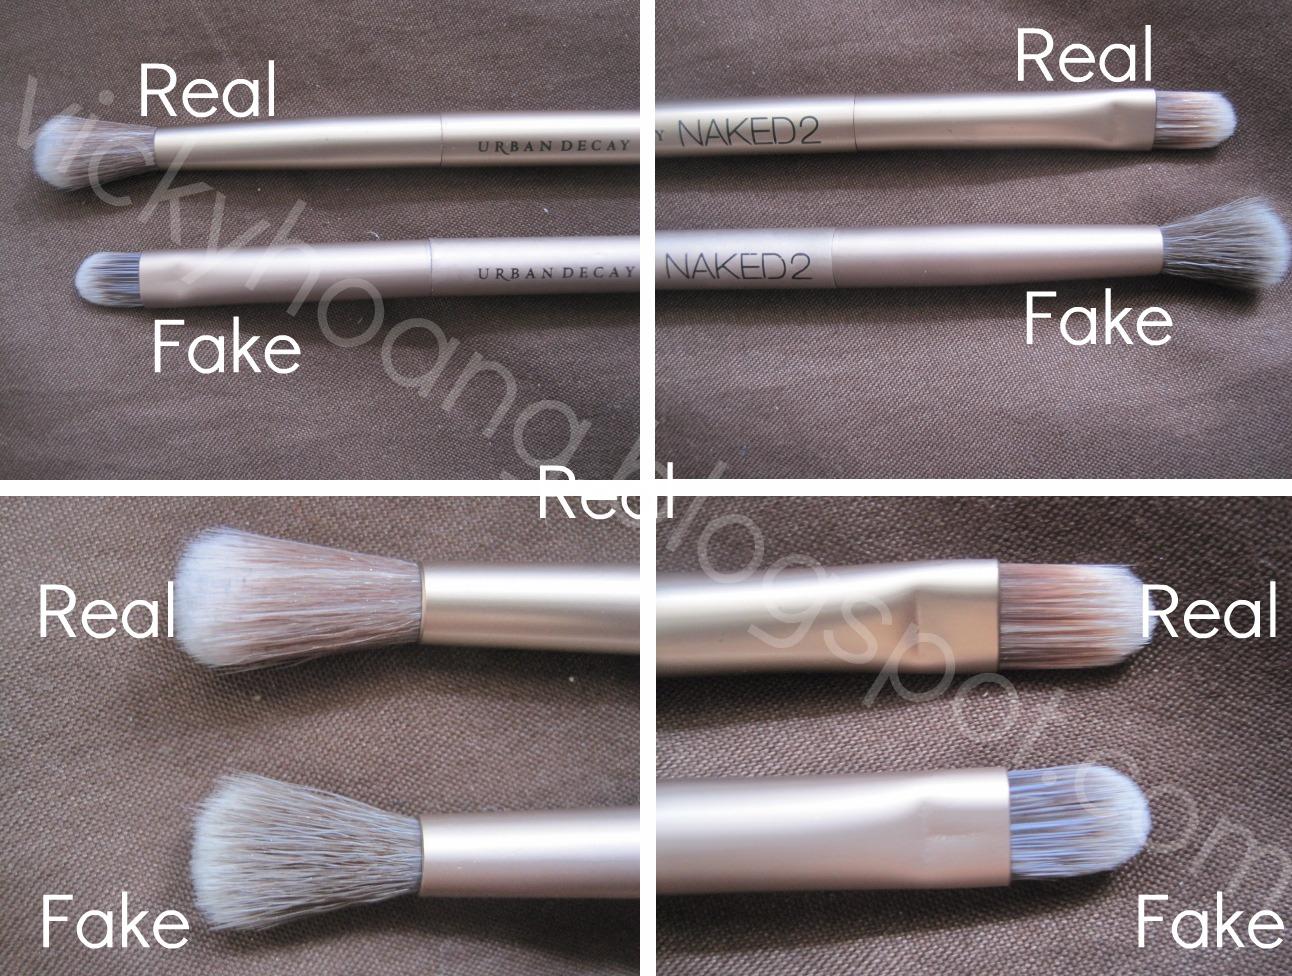 real vs fake naked